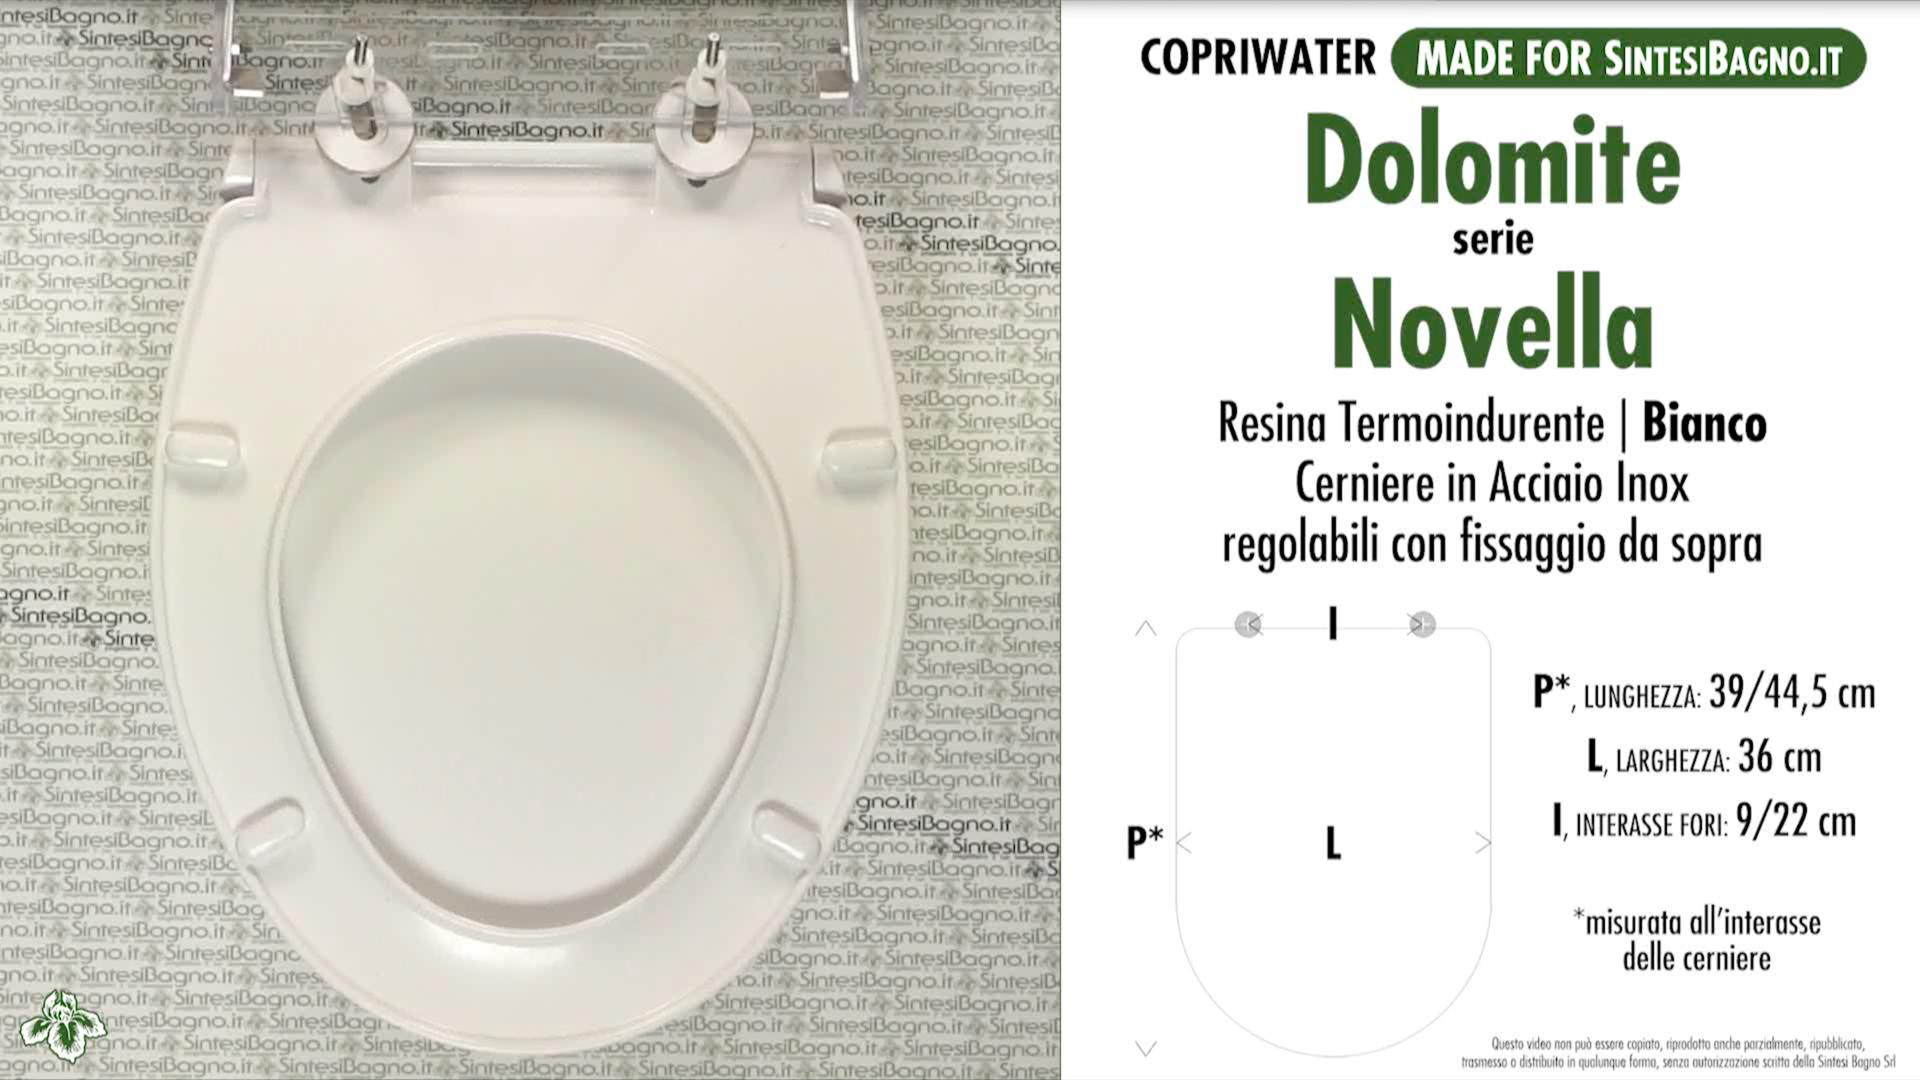 SCHEDA TECNICA MISURE copriwater DOLOMITE NOVELLA